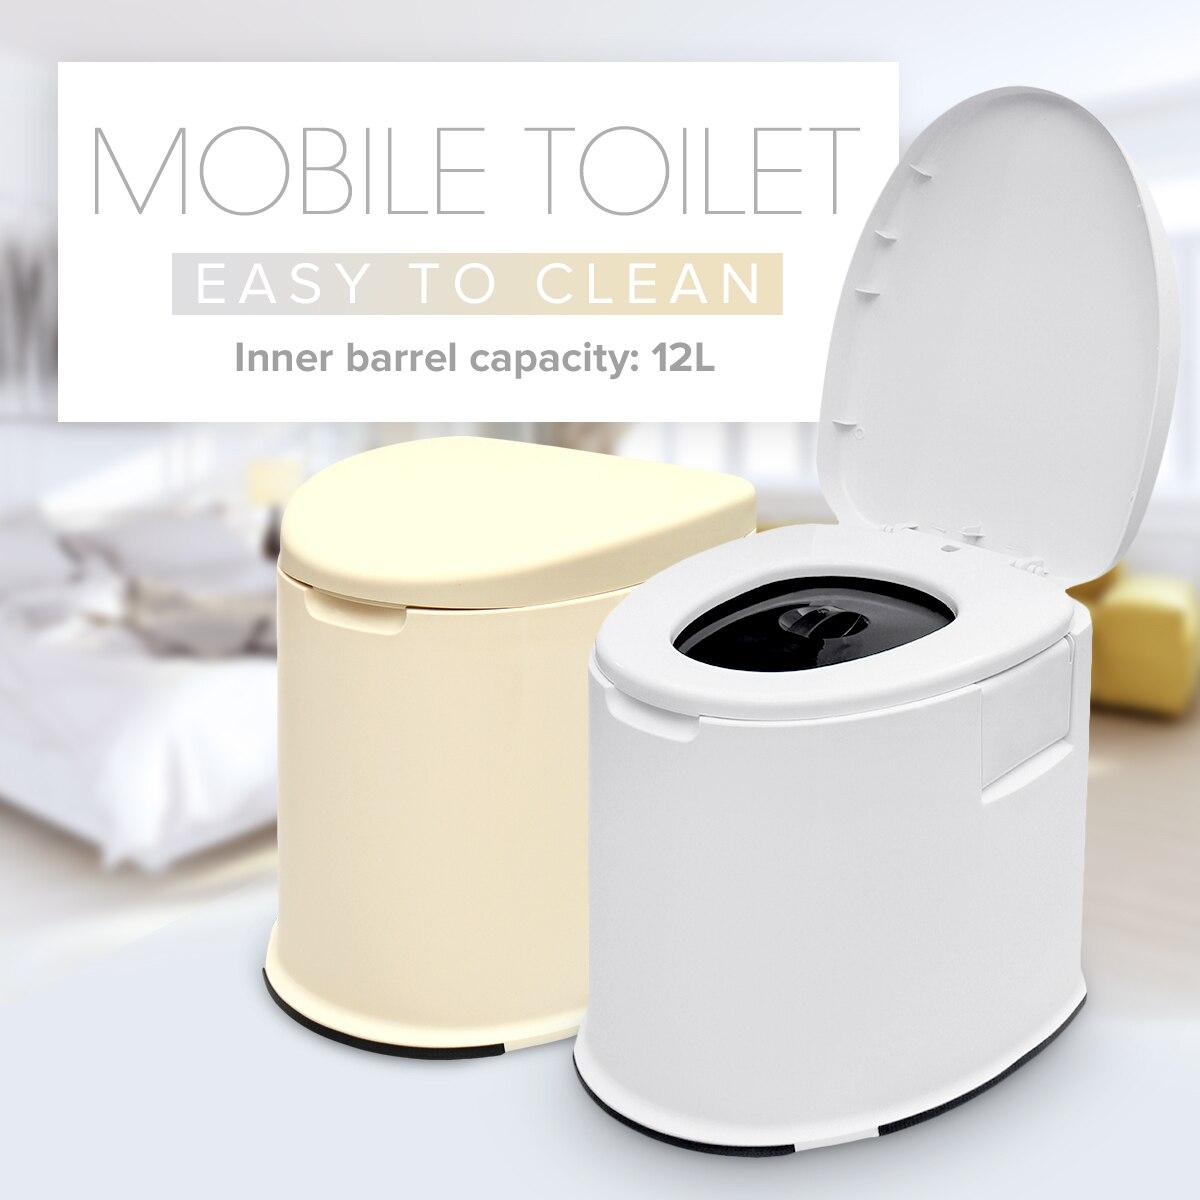 12L capacité Portable toilette Camp toilette Camping extérieur outil Mobile toilette Camping caravane voyage pot